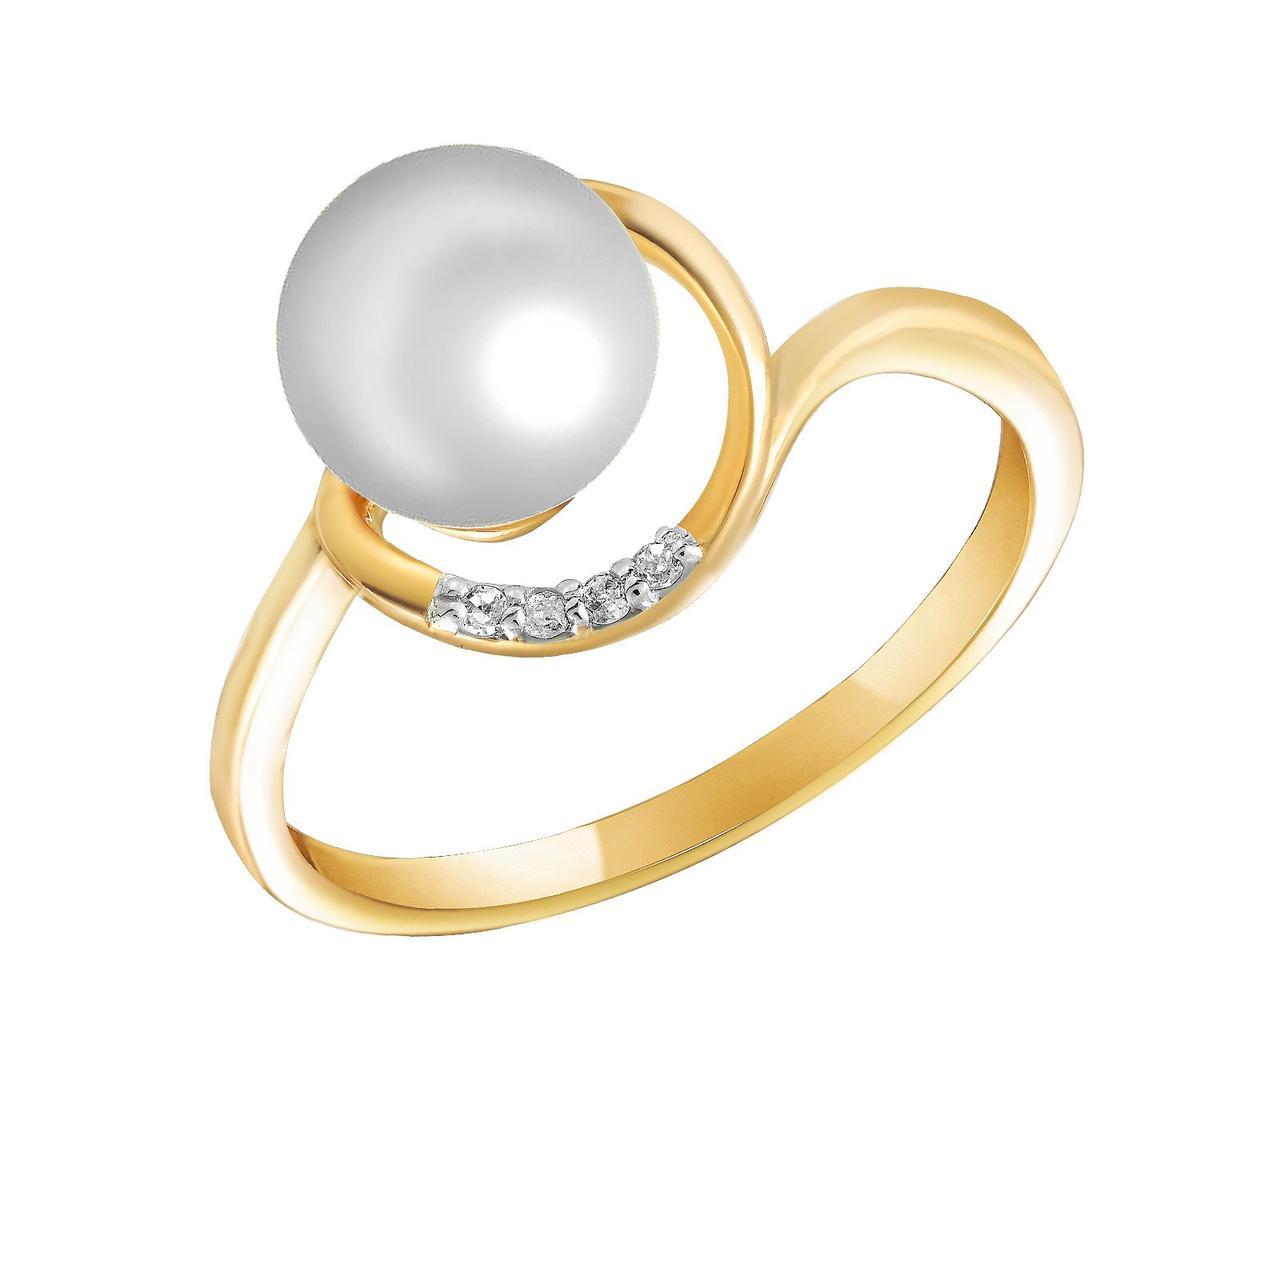 Золотое кольцо с бриллиантами и жемчугом, размер 16 (321720)